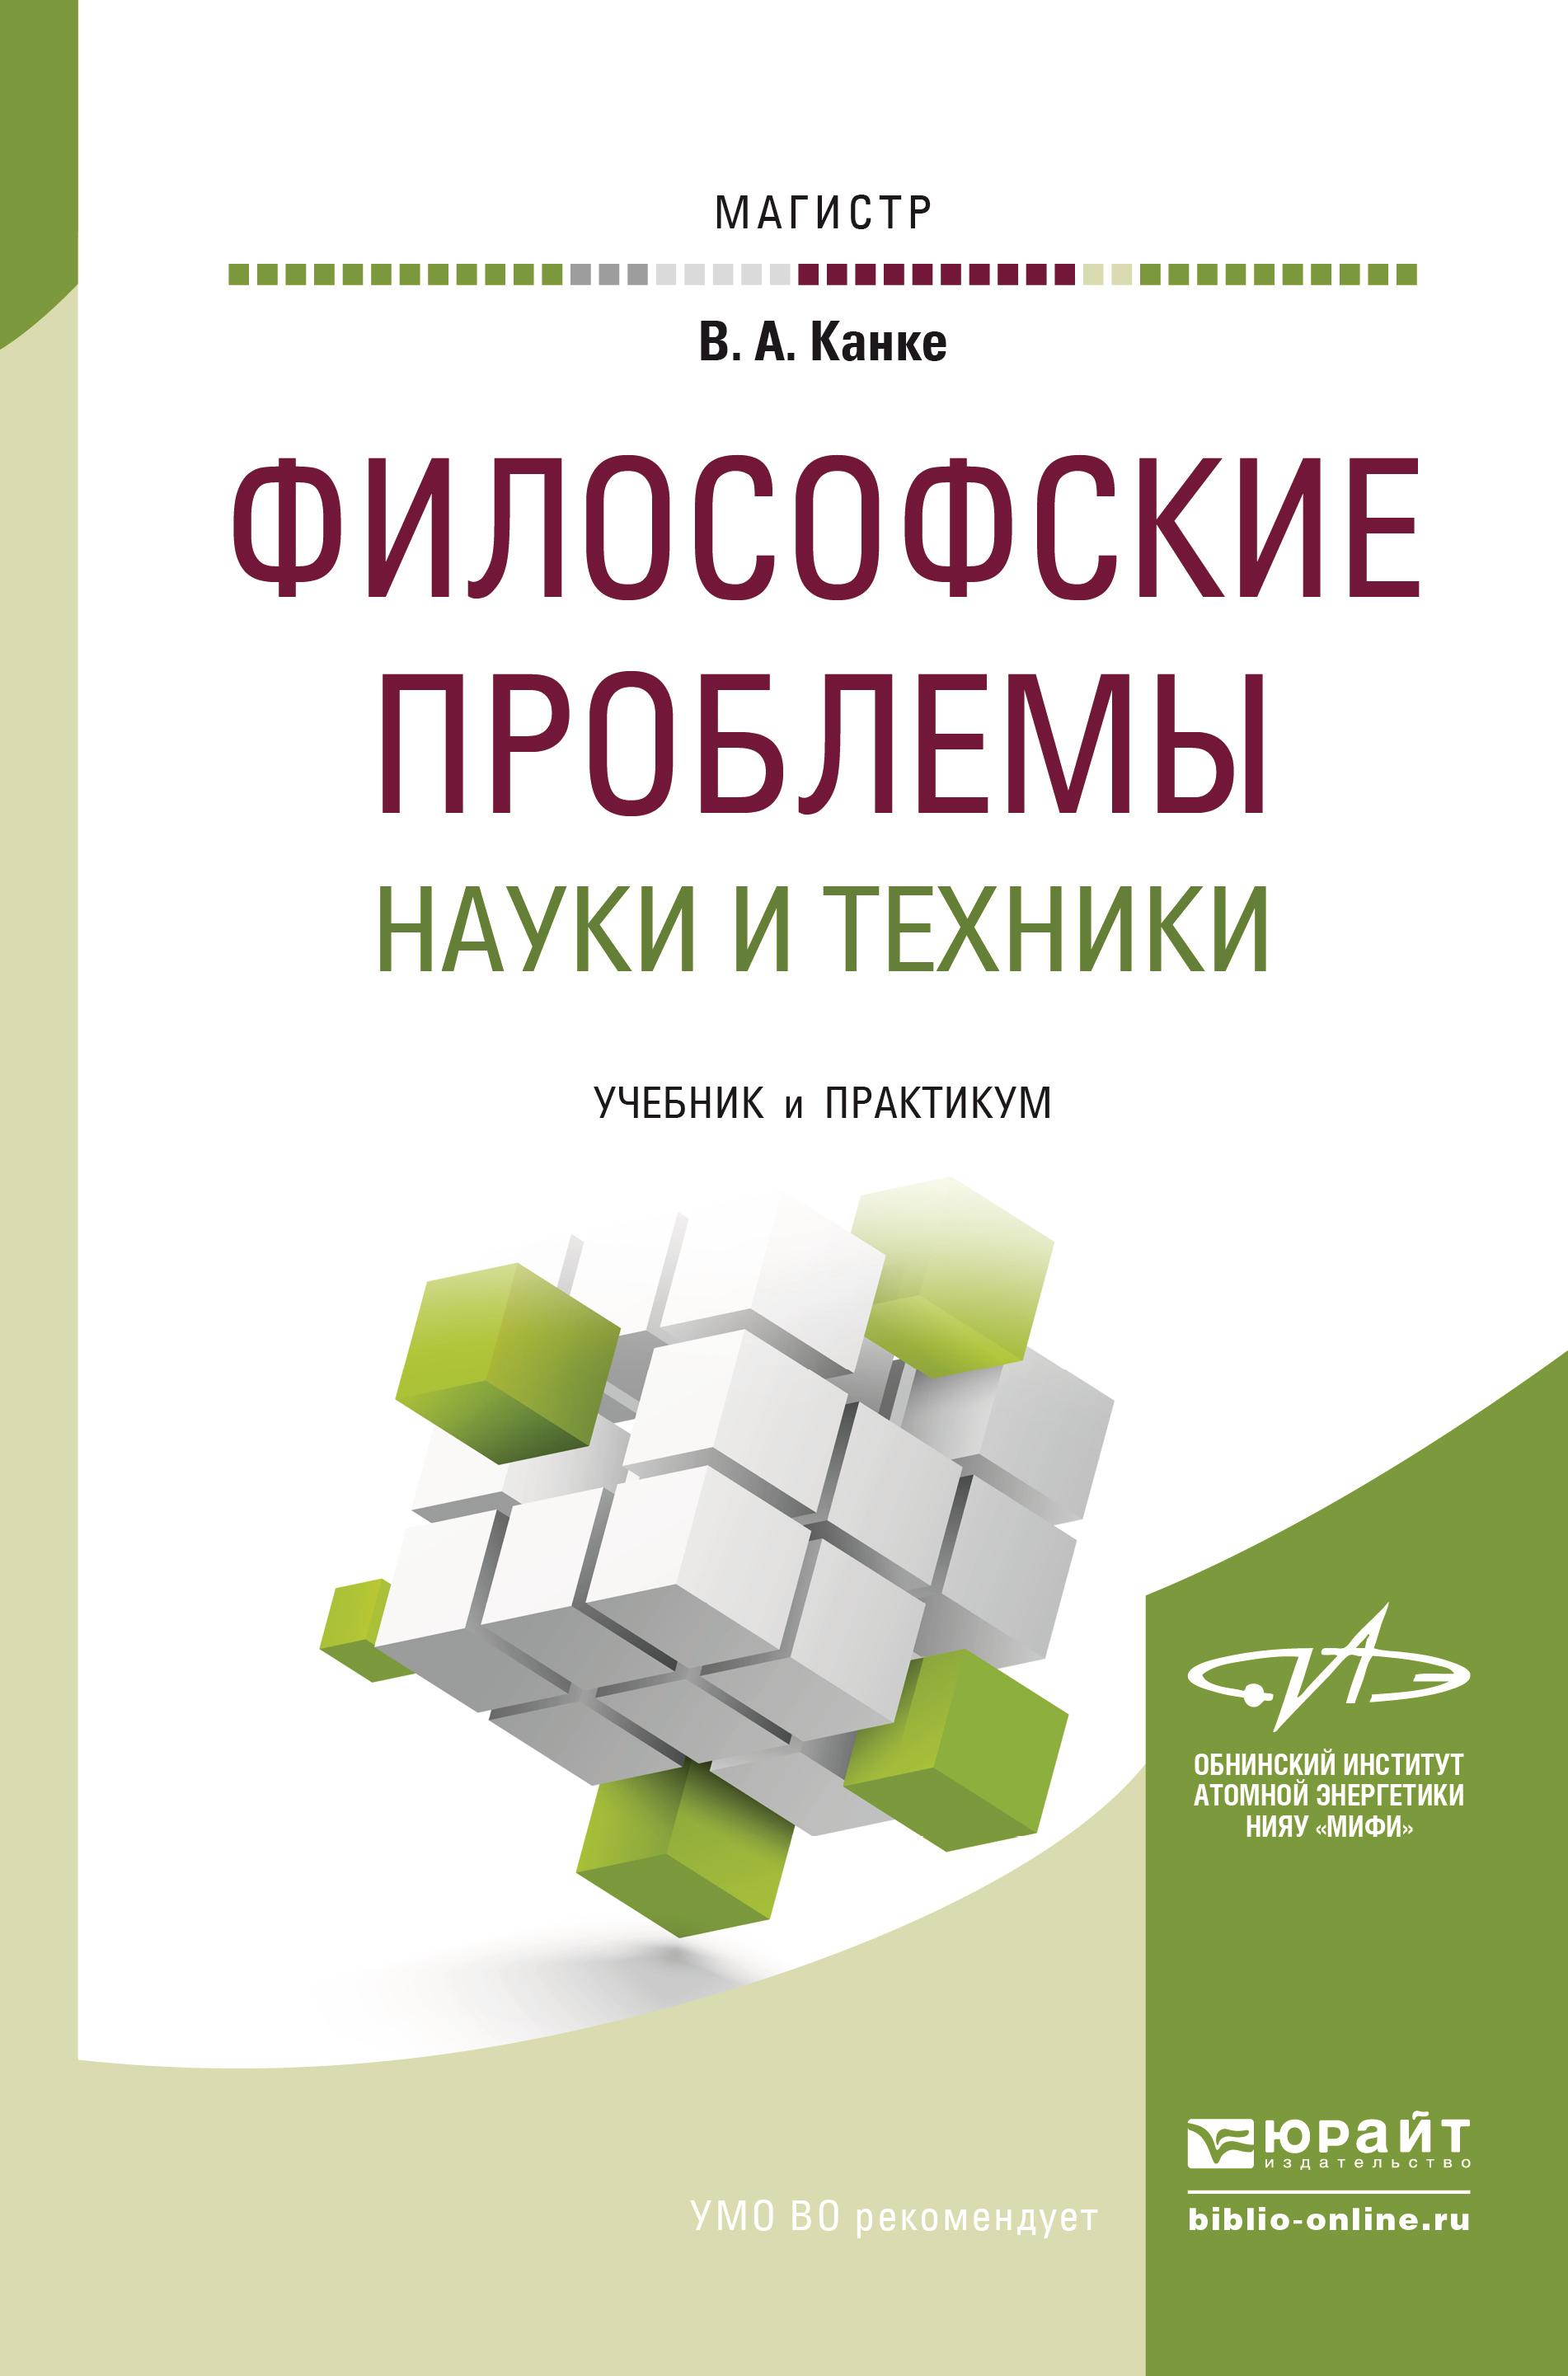 Философские проблемы науки и техники. Учебник и практикум для магистратуры